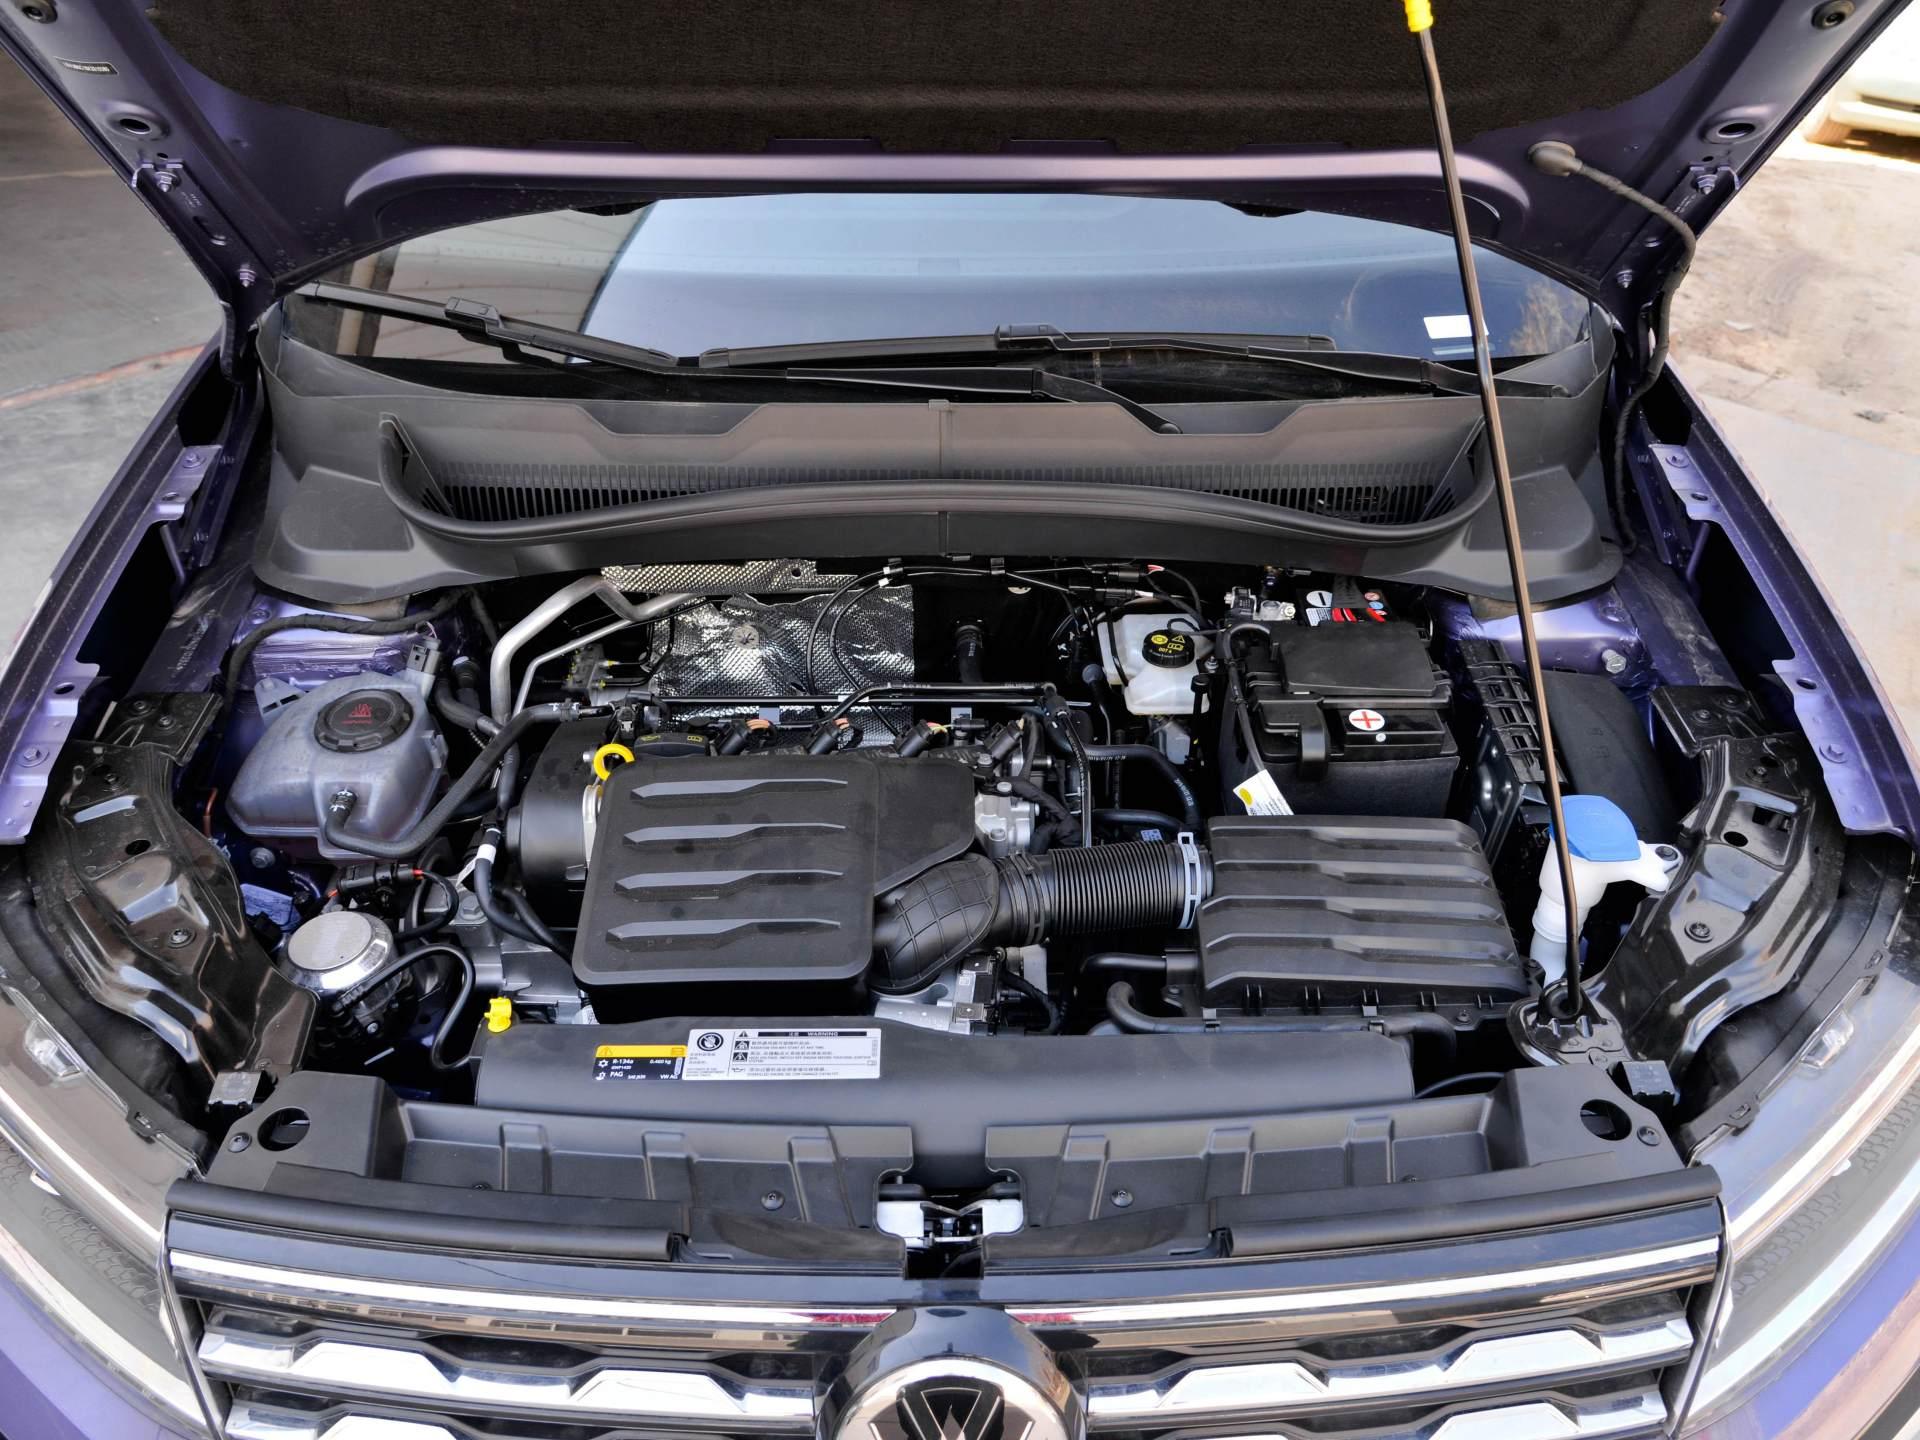 還看啥XRV,1.5L+6AT油耗5.9L,標配LED大燈,實力很足-圖5